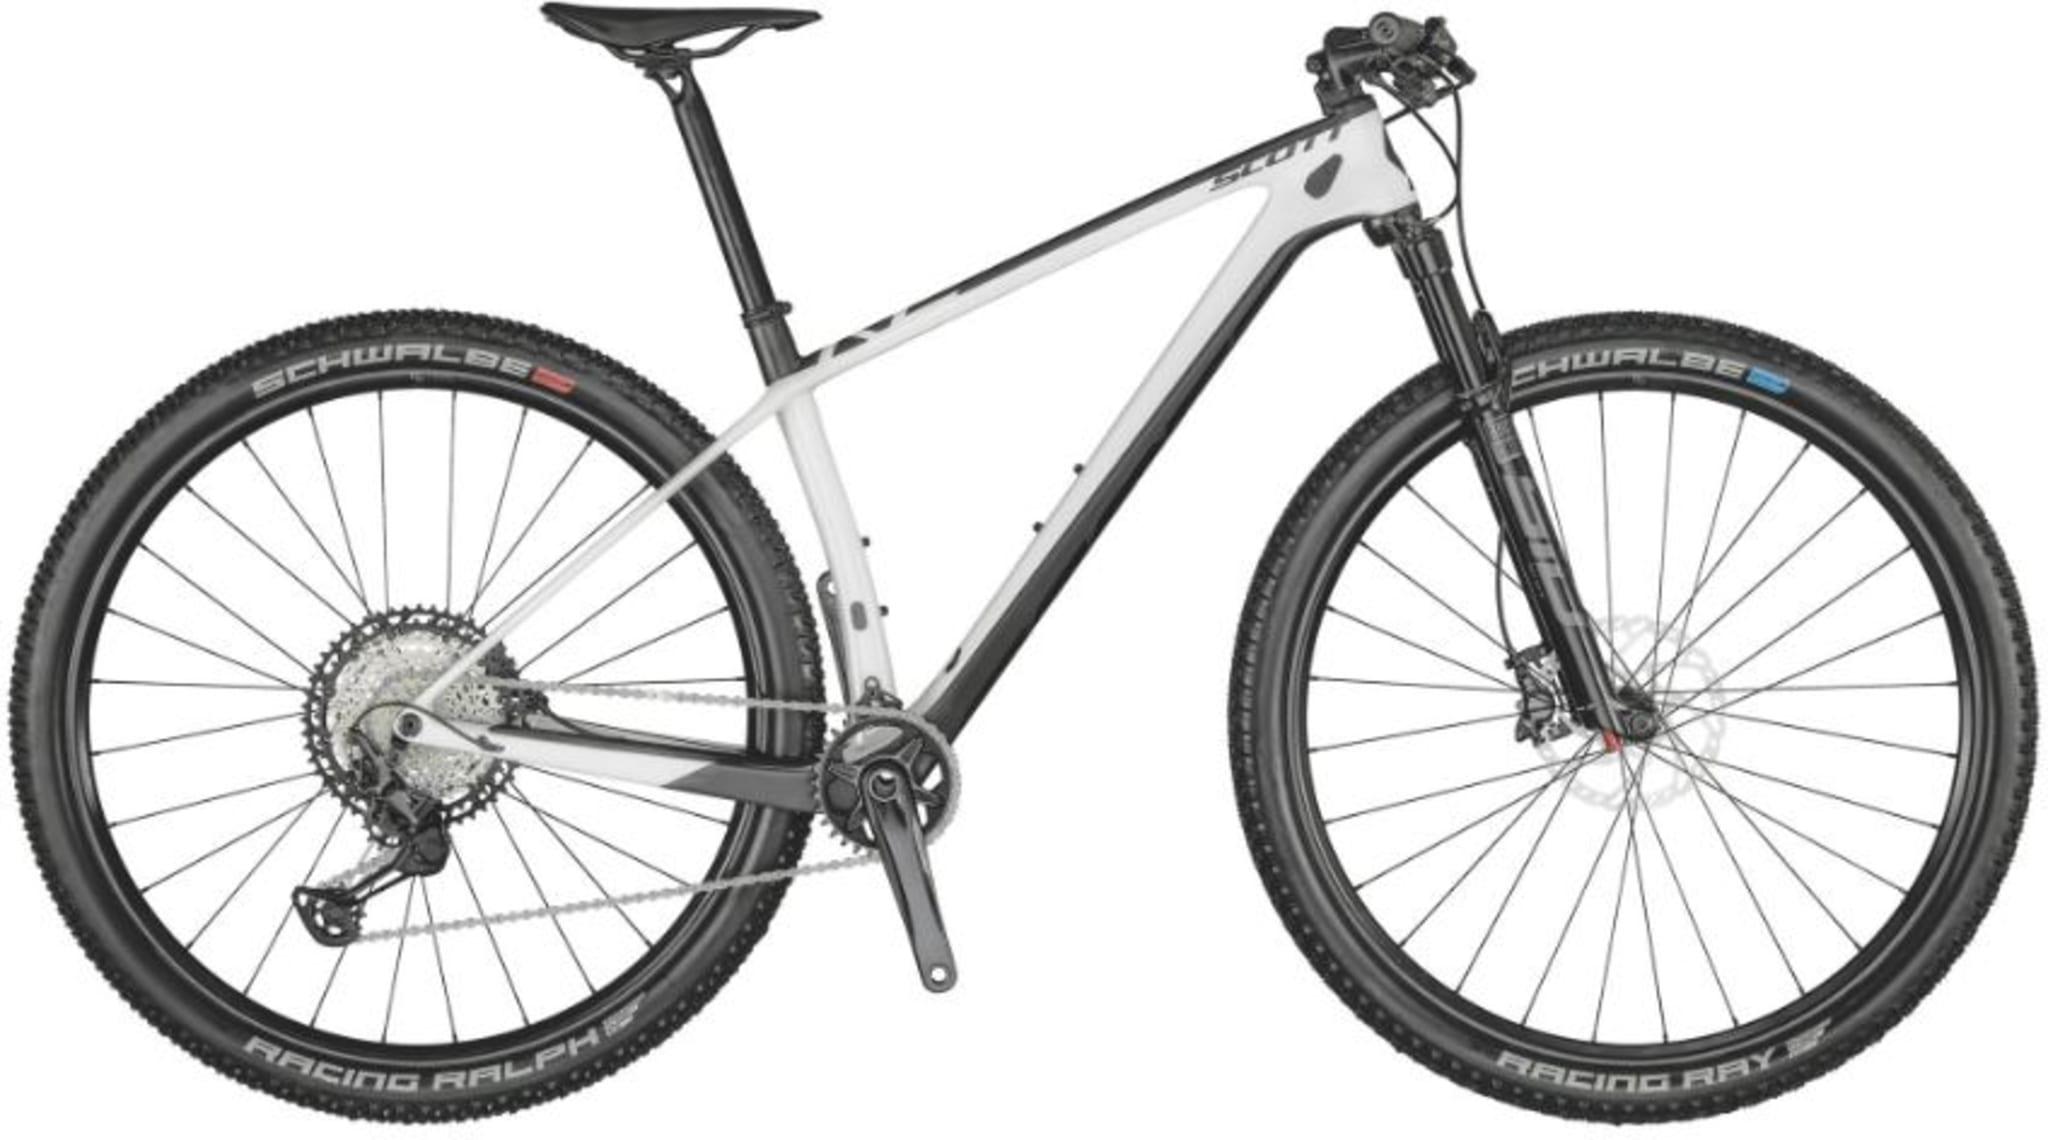 Superrask sykkel fra Scott - designet for å kjempe med de beste av de beste